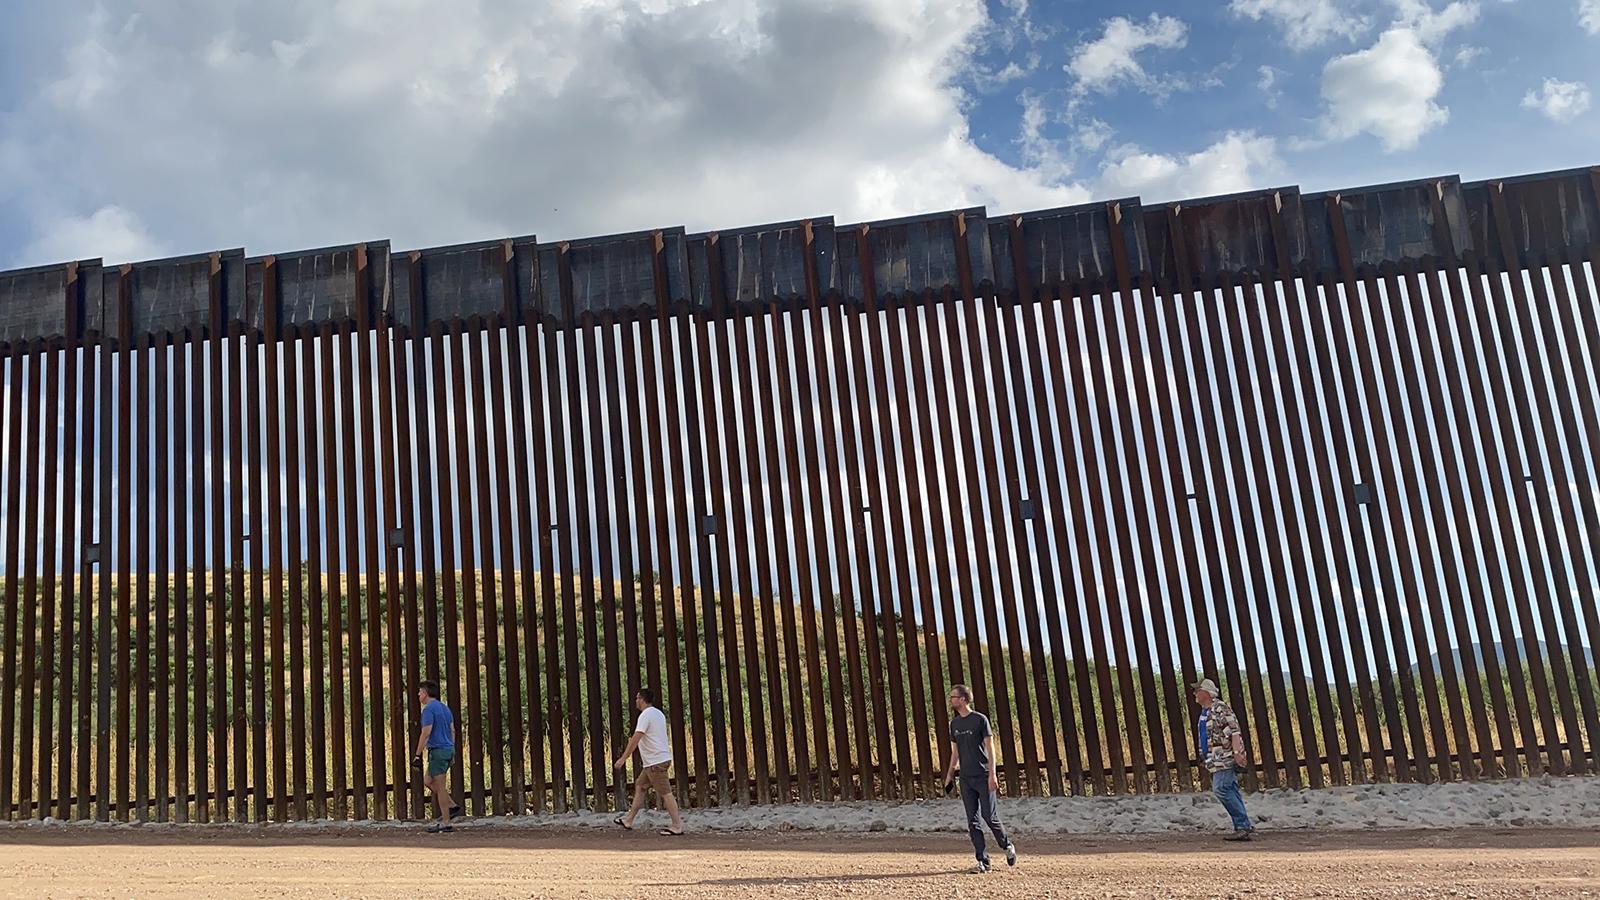 Participantes de We People Ride caminando a fines de septiembre de 2021 en una sección de la valla fronteriza en la frontera entre Estados Unidos y México.  Votar por el bien común